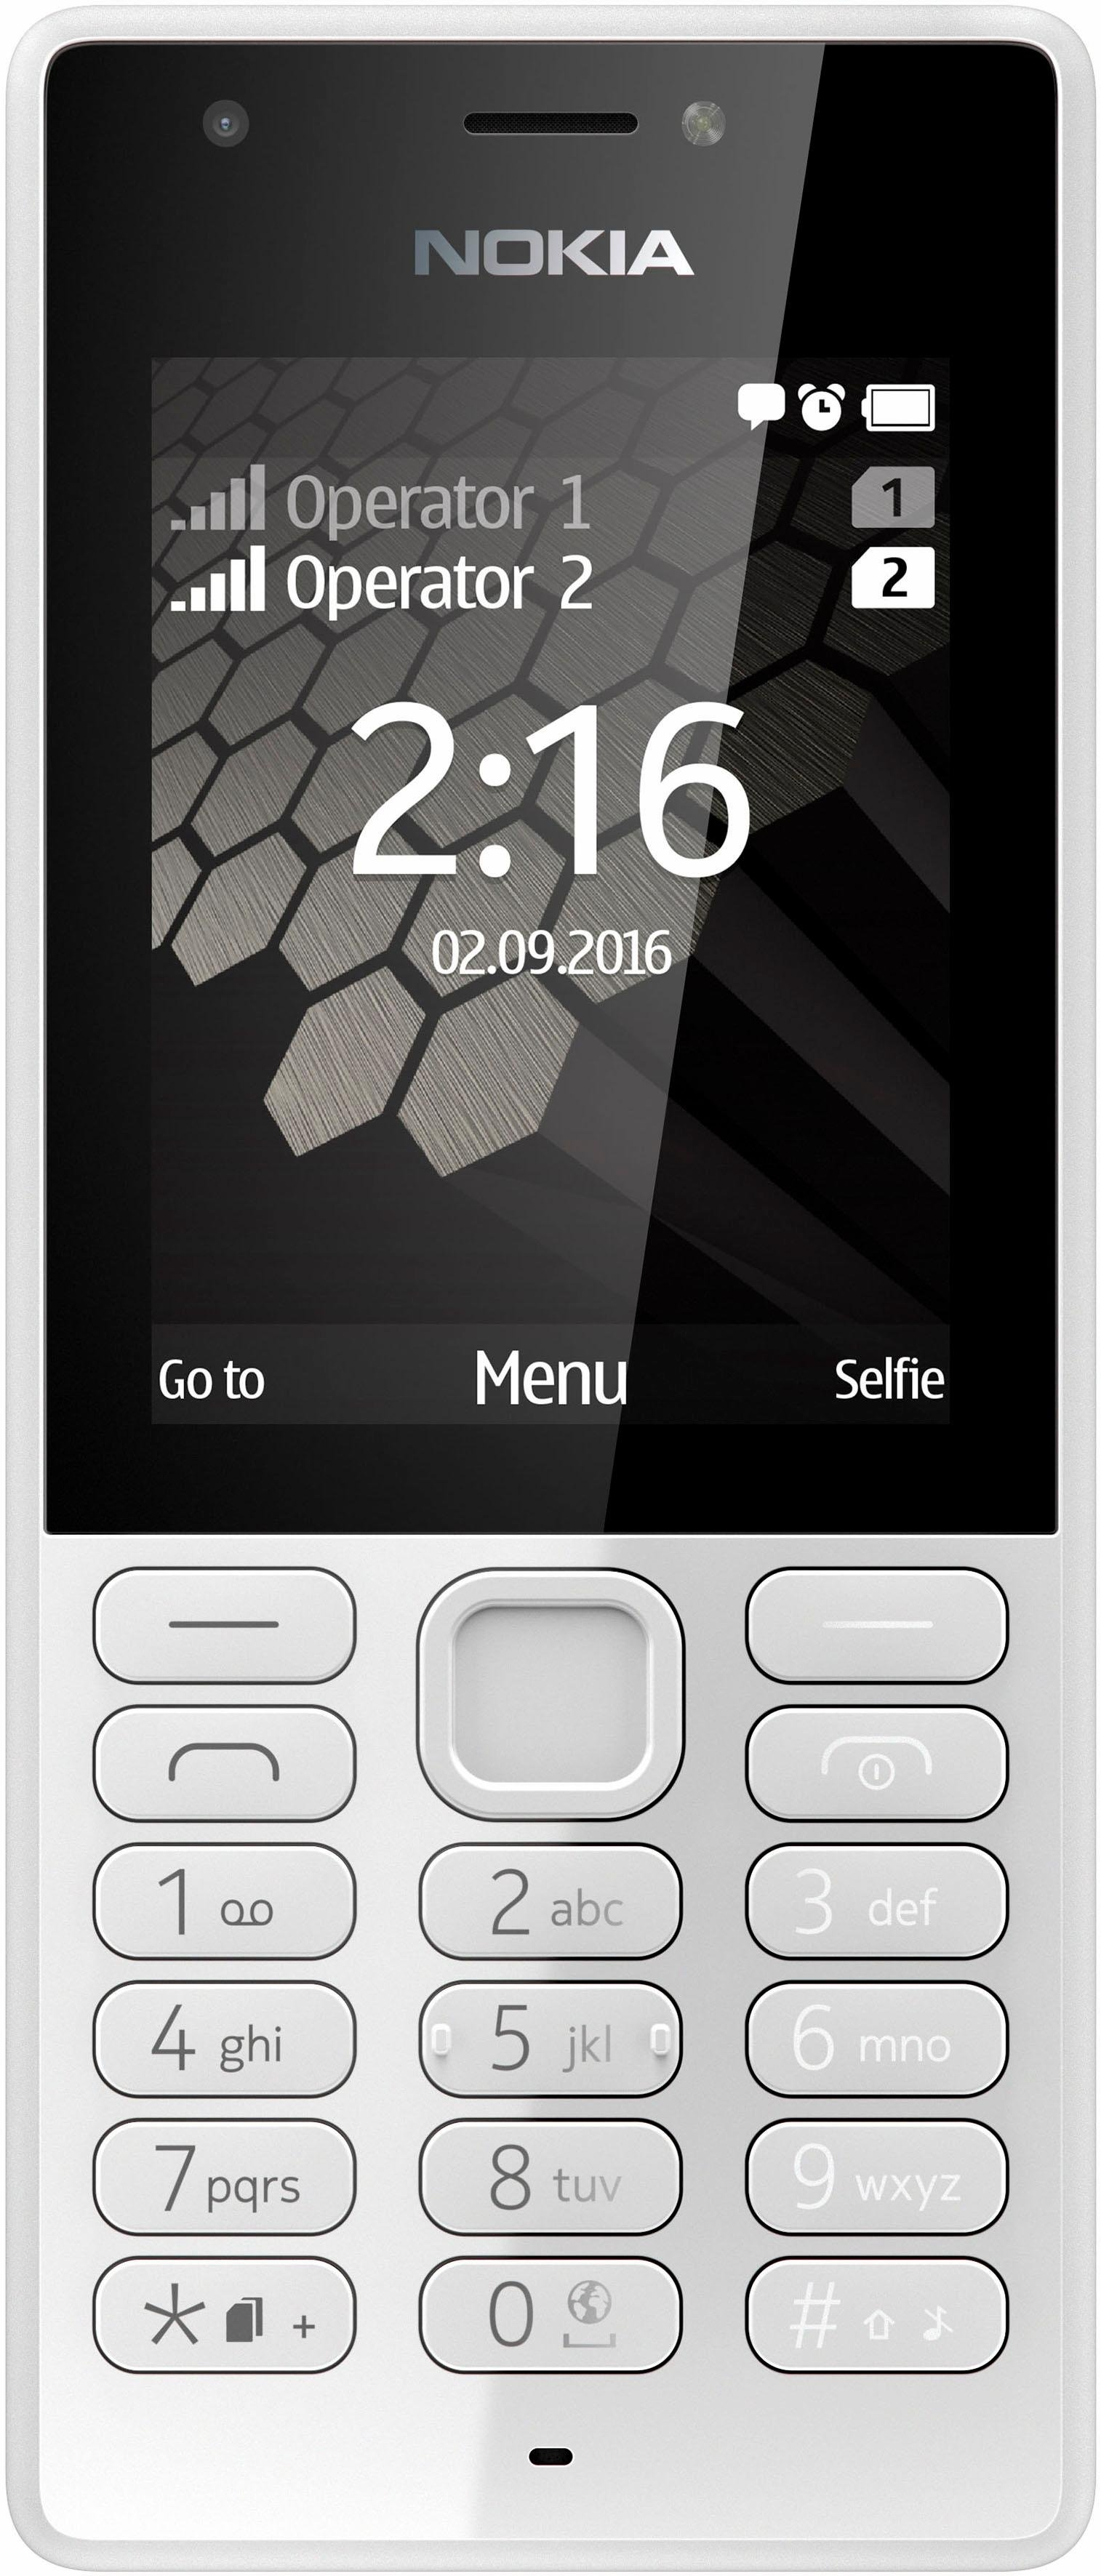 Nokia 216 - DualSIM-gsm, 6,1 cm (2,4 inch) display,S30+ - gratis ruilen op otto.nl